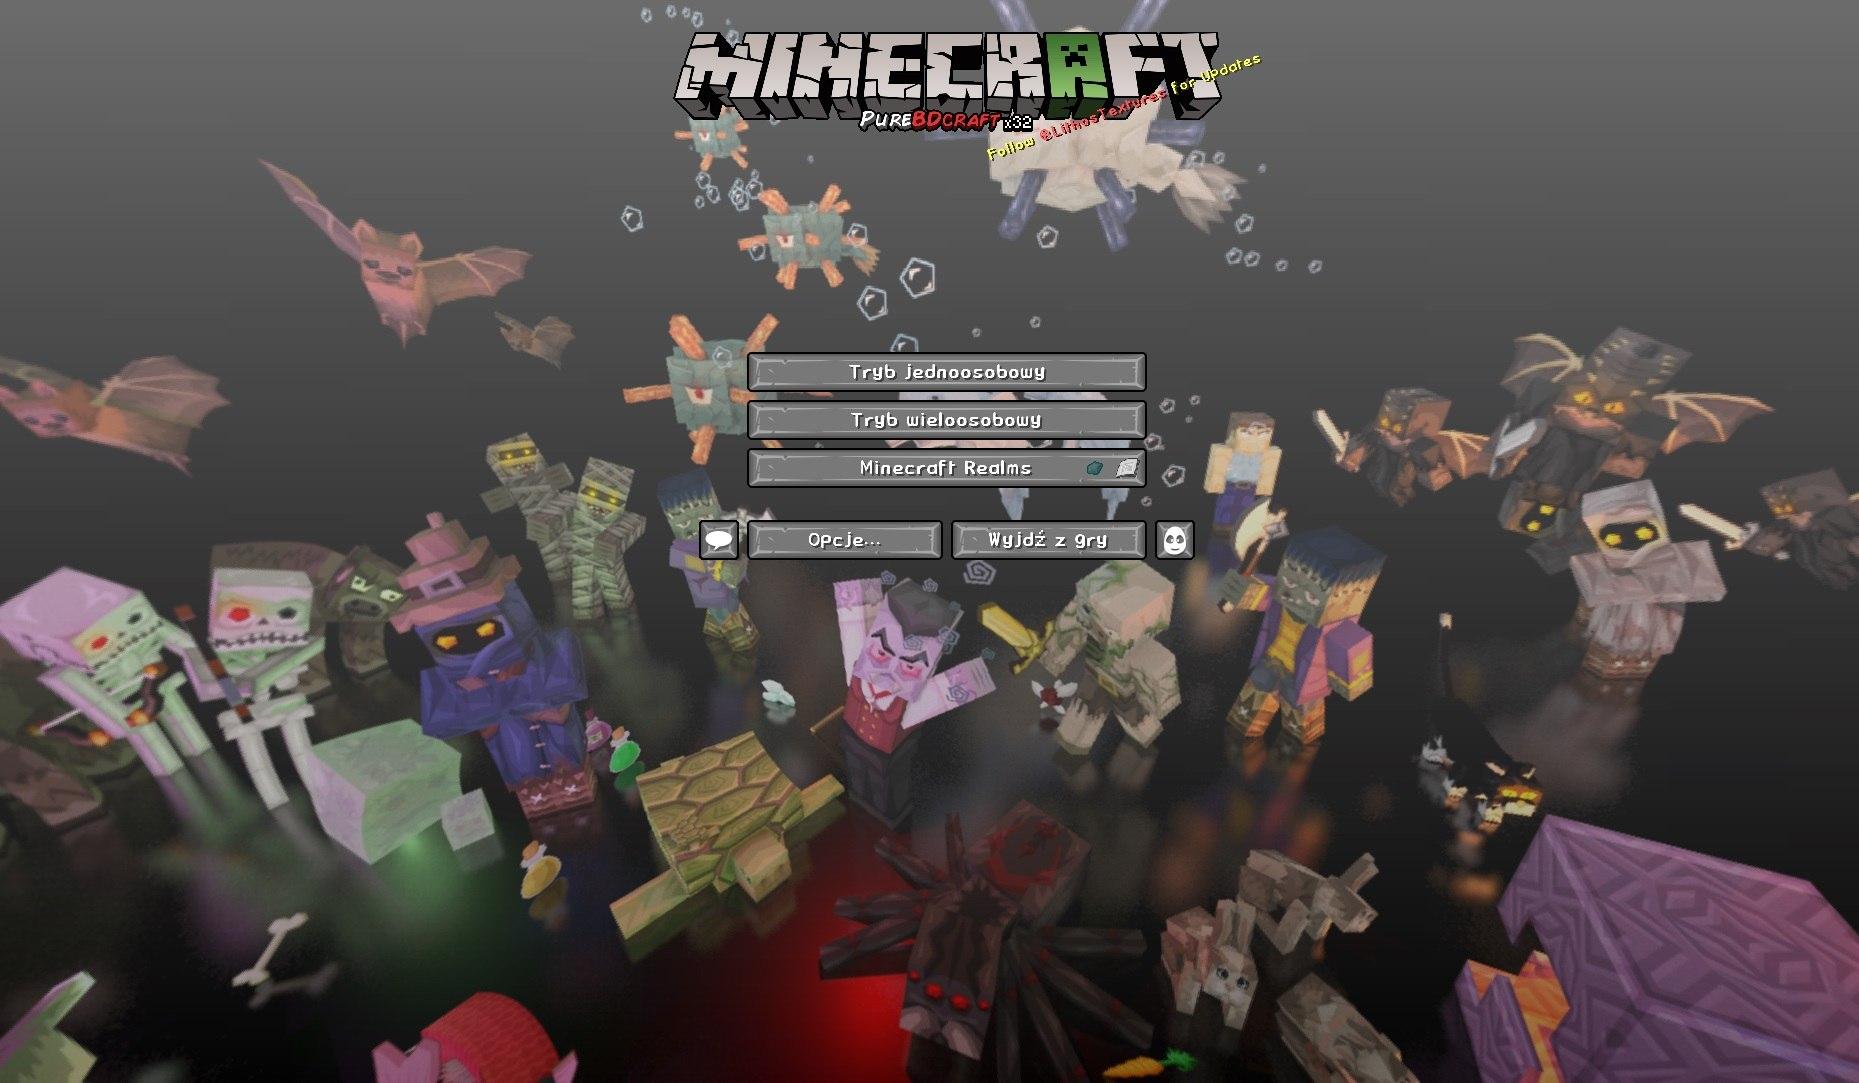 PureBDcraft minecraft download 2